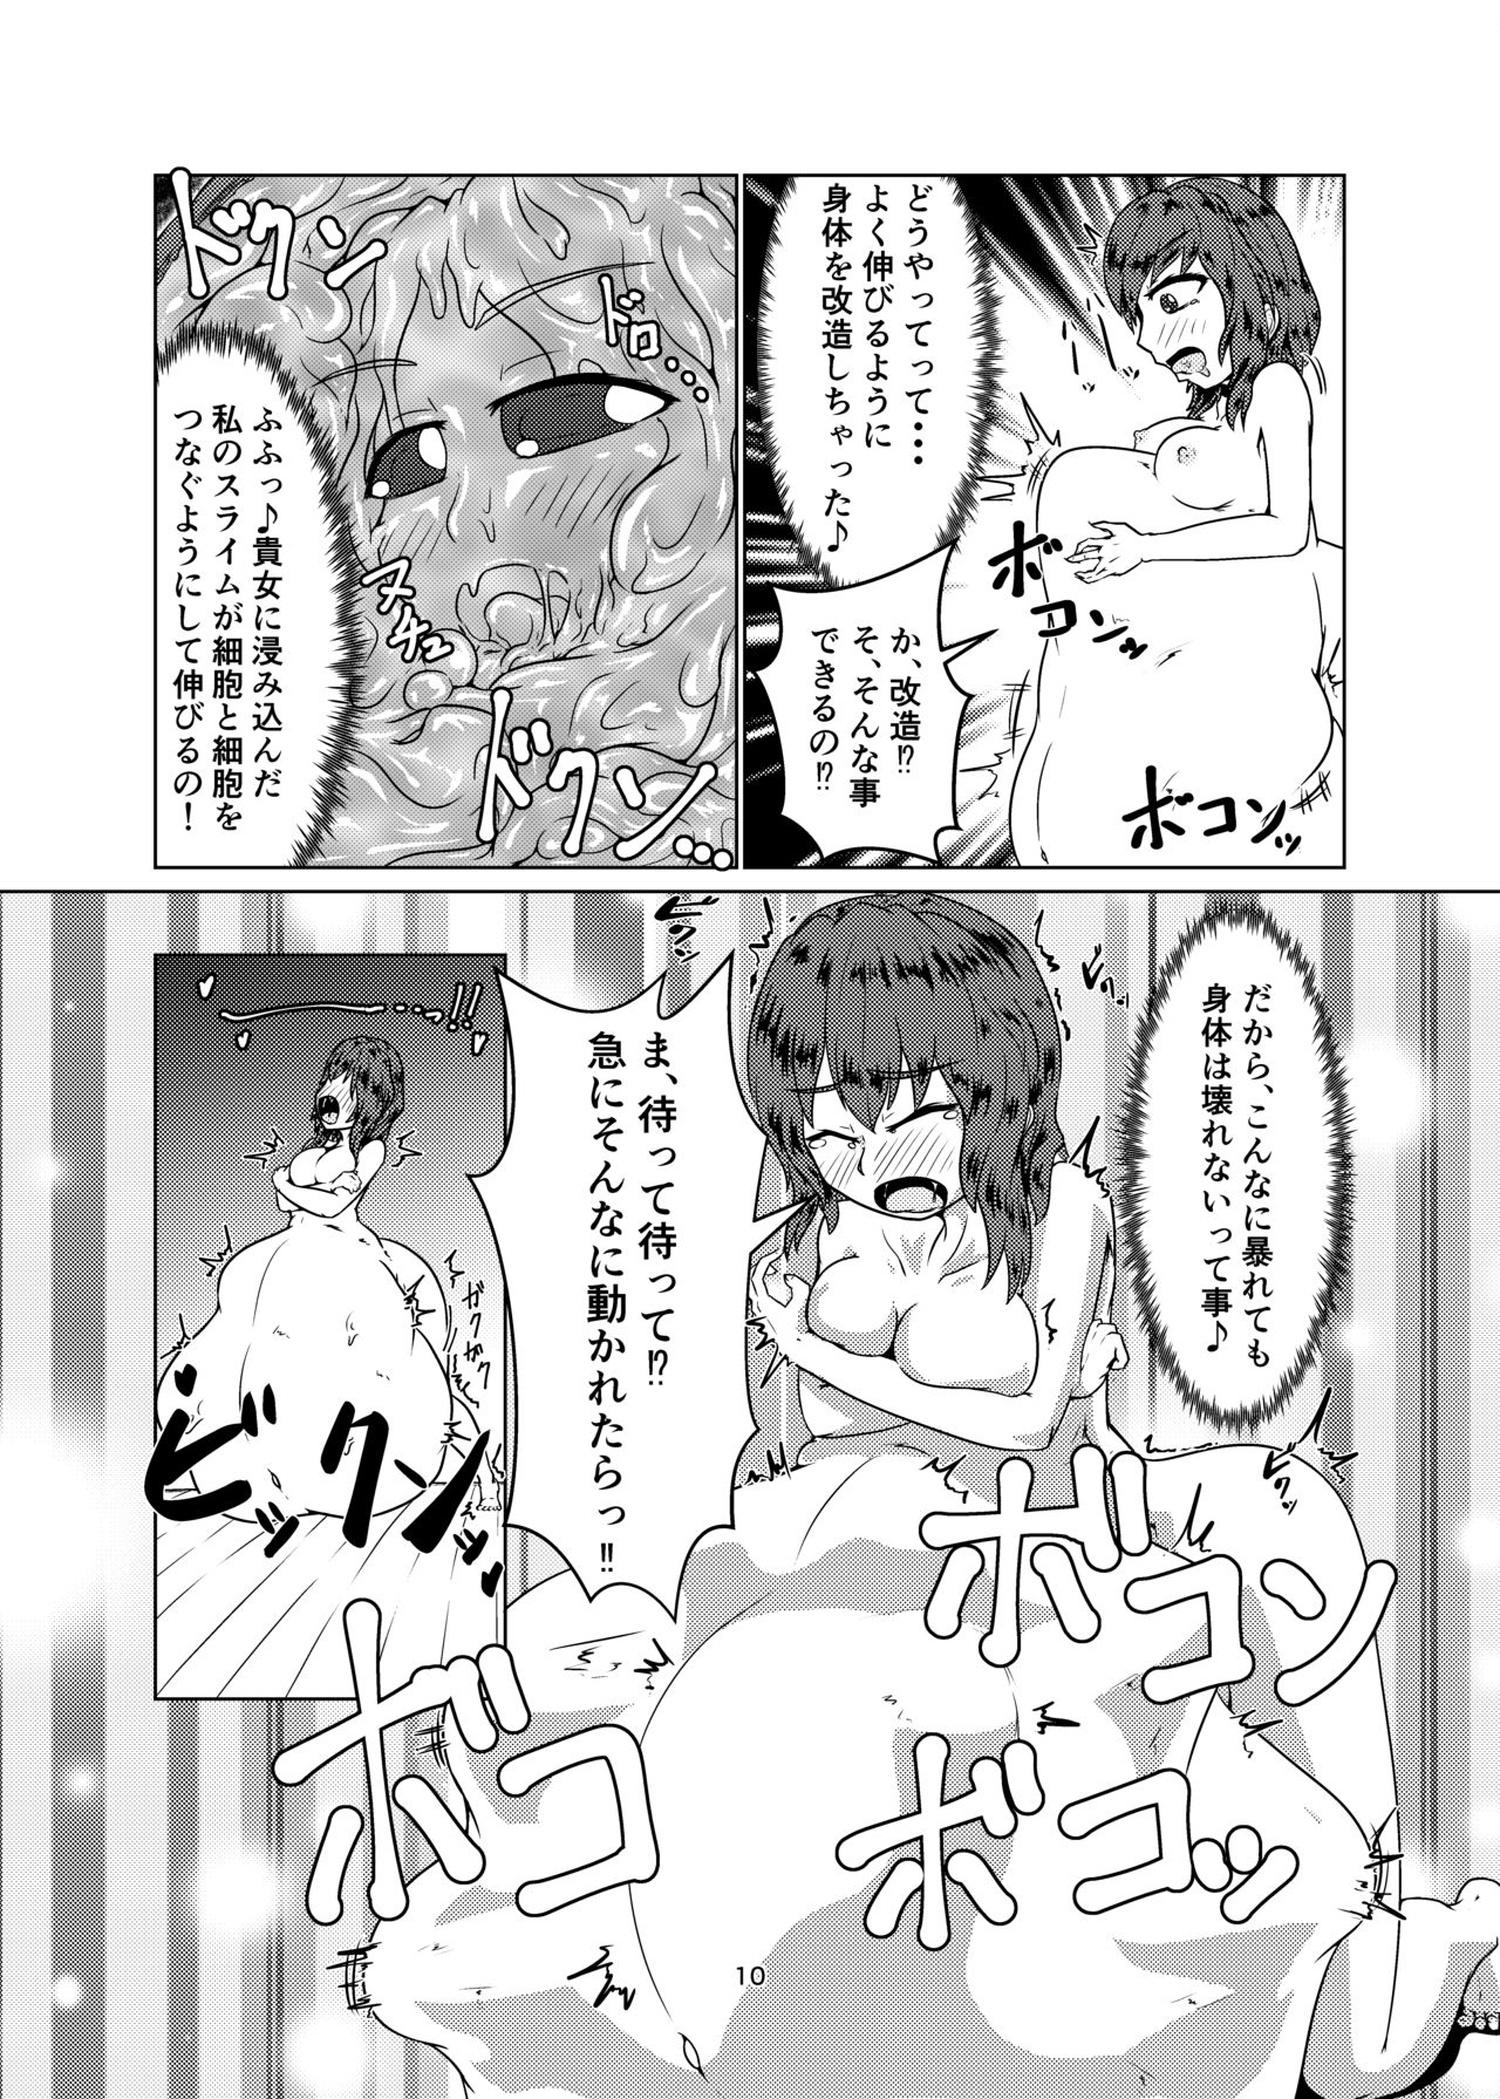 【エロ漫画】スライムになってしまったお姉さんに、身動きできなくされてお尻から姉さんが入って来ちゃう!【無料 エロ同人誌】 (9)